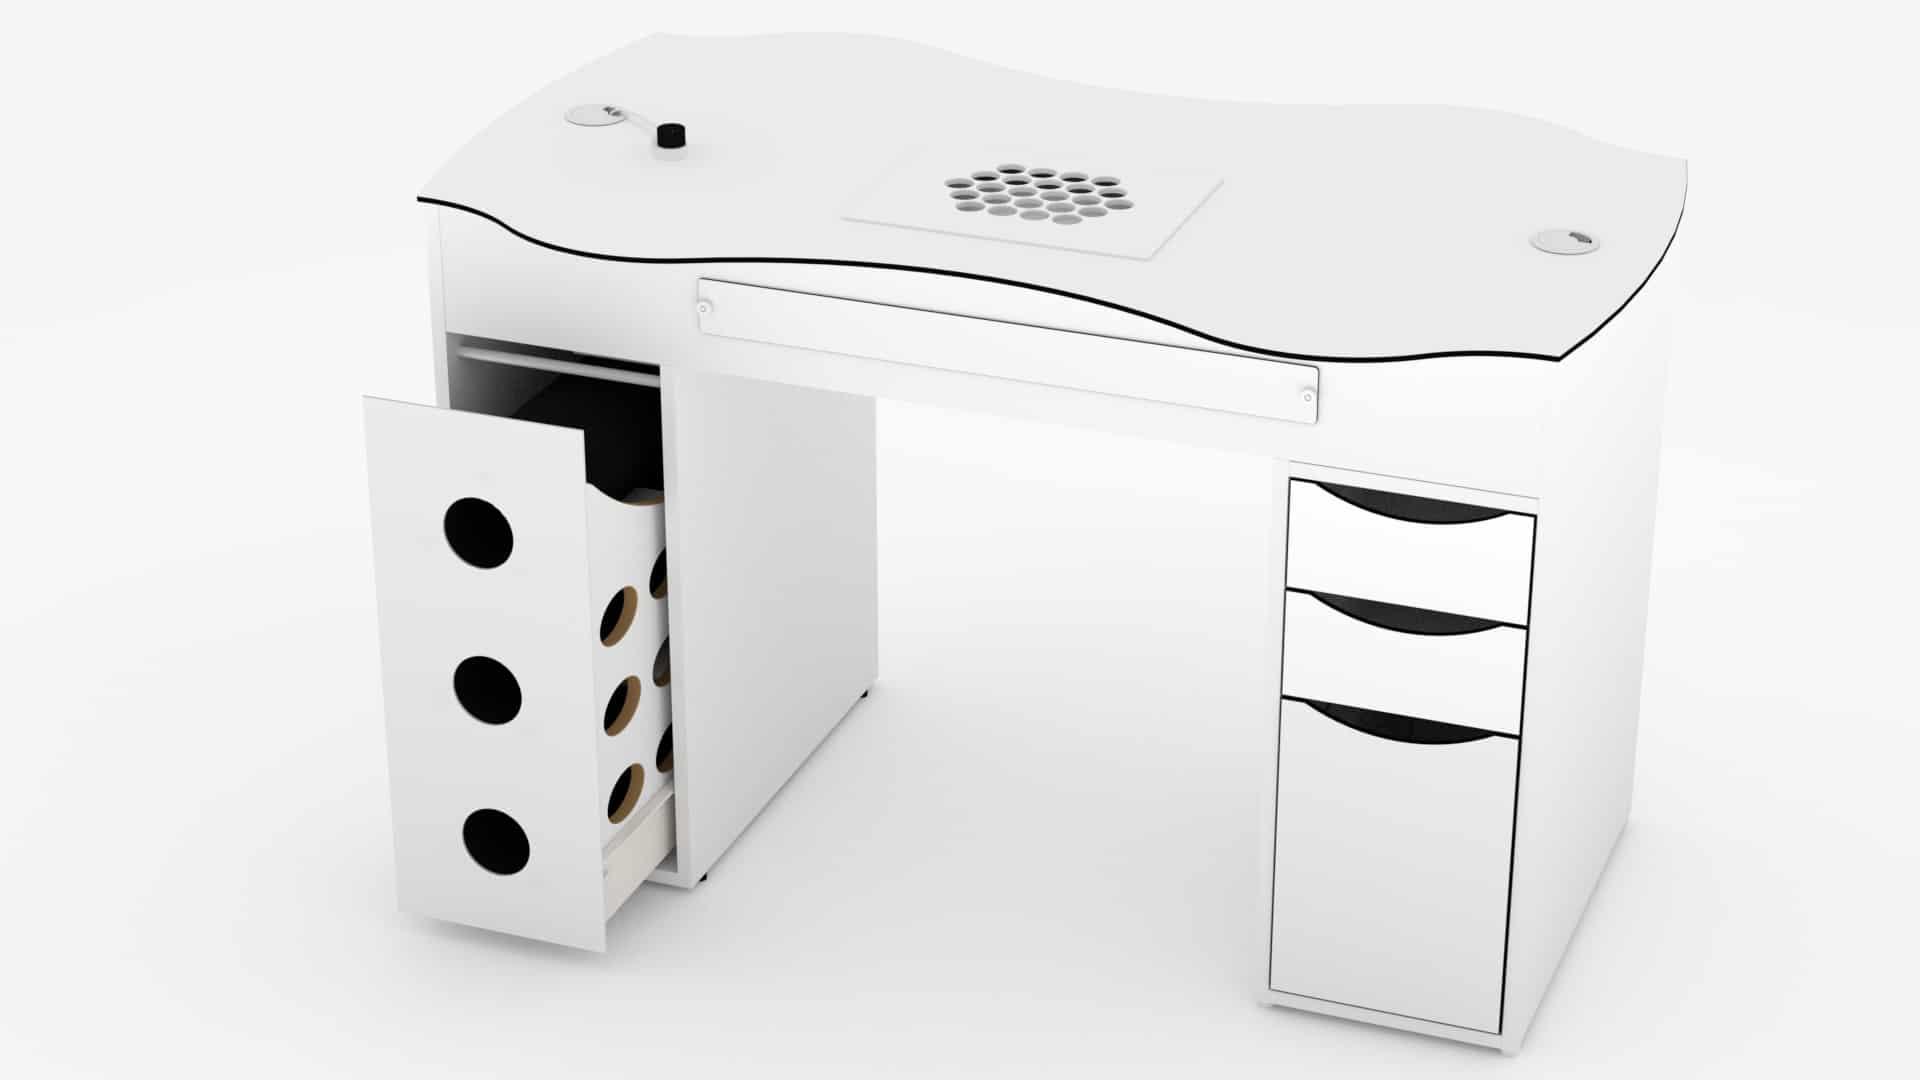 Table d'onglerie FantasTisch avec aspiration et filtre à charbon actif